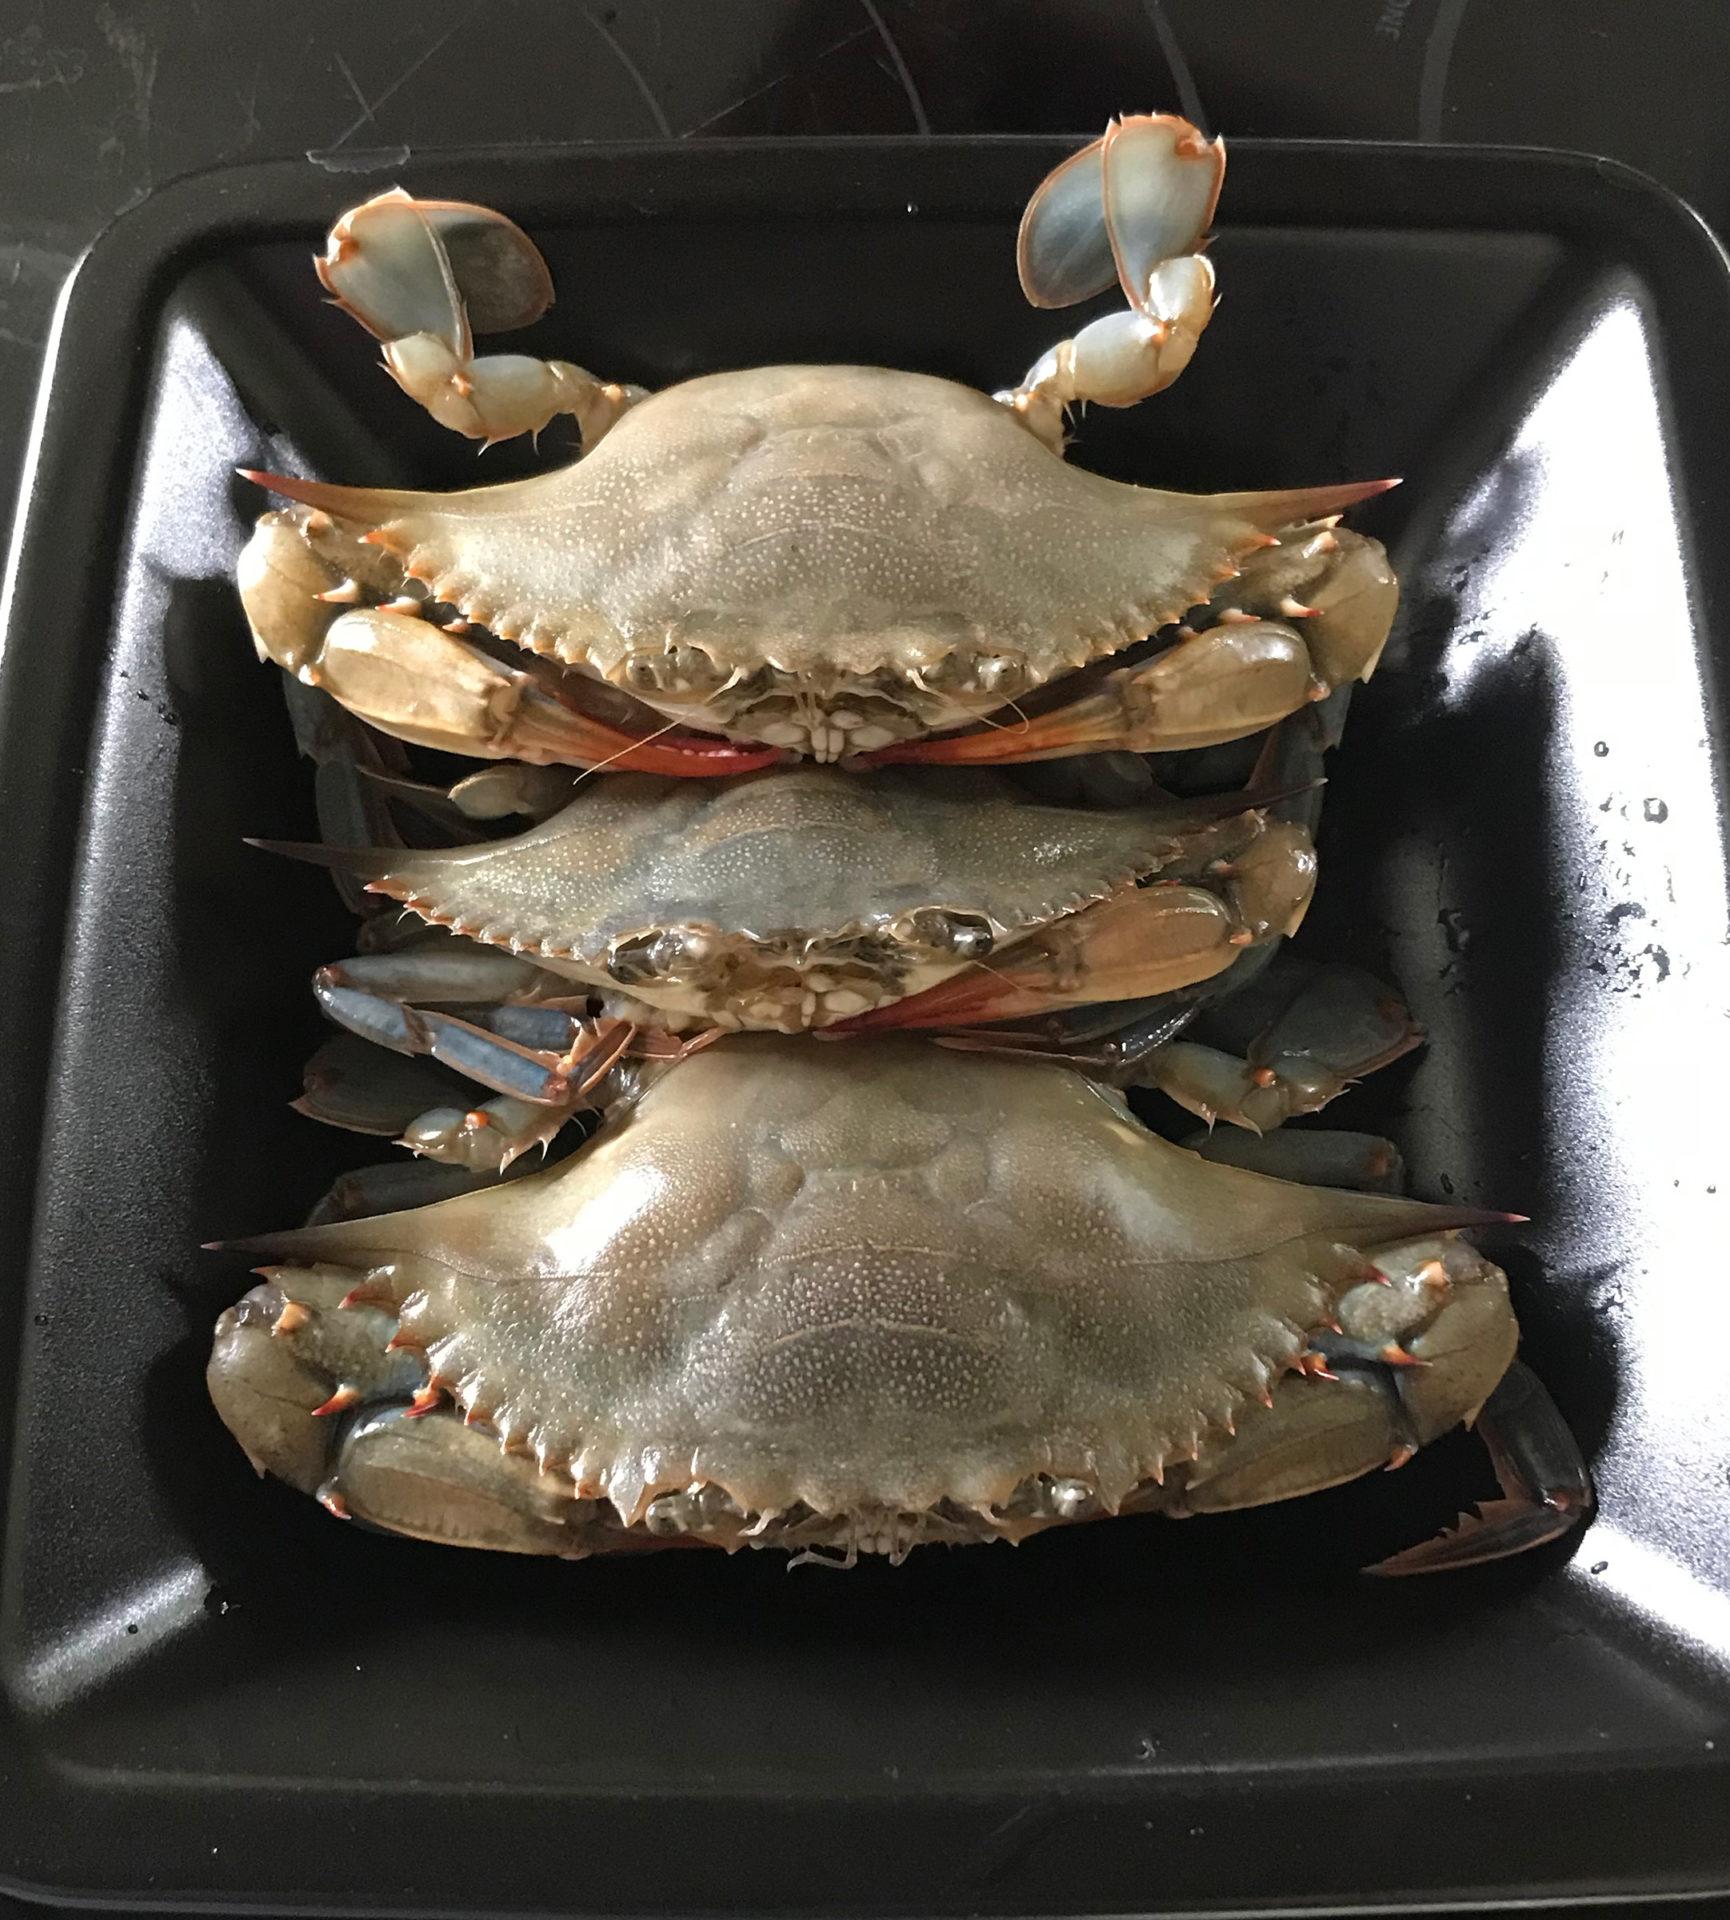 gravy-soft-shells-await-their-fate.jpg